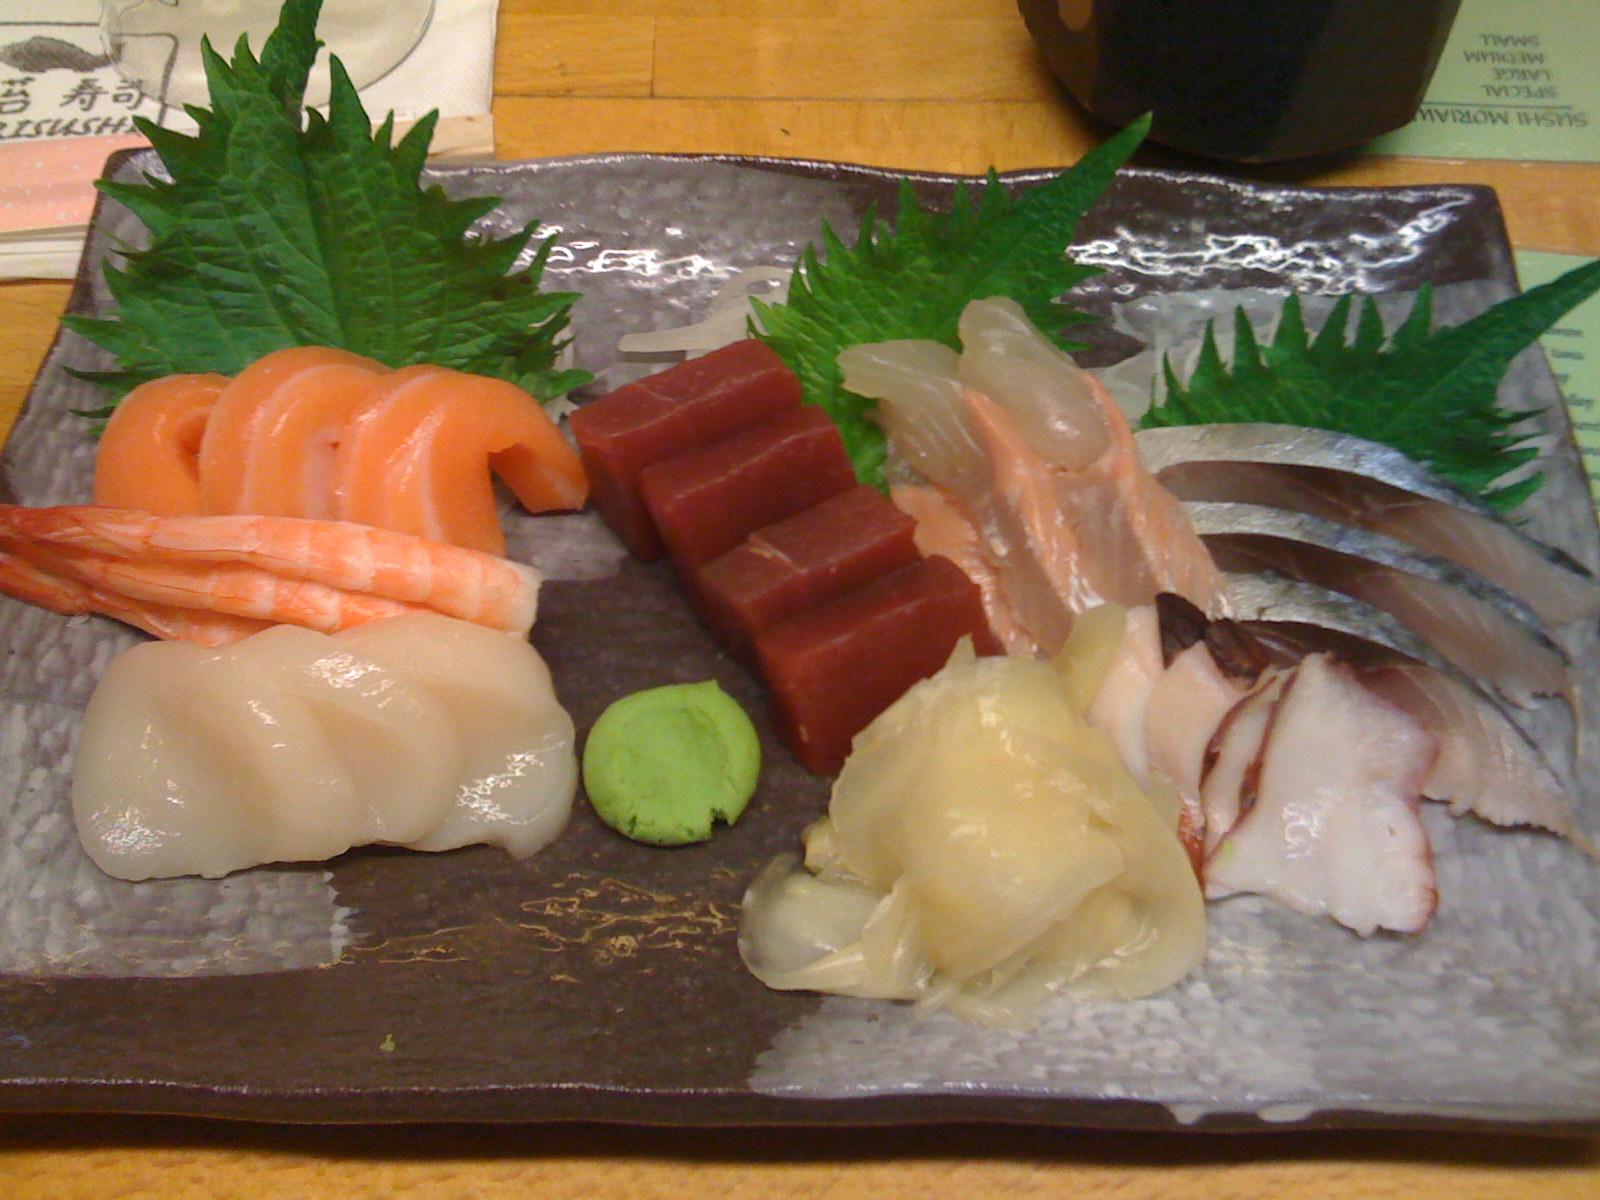 Norisushi bar, Helsinki: Sashimi